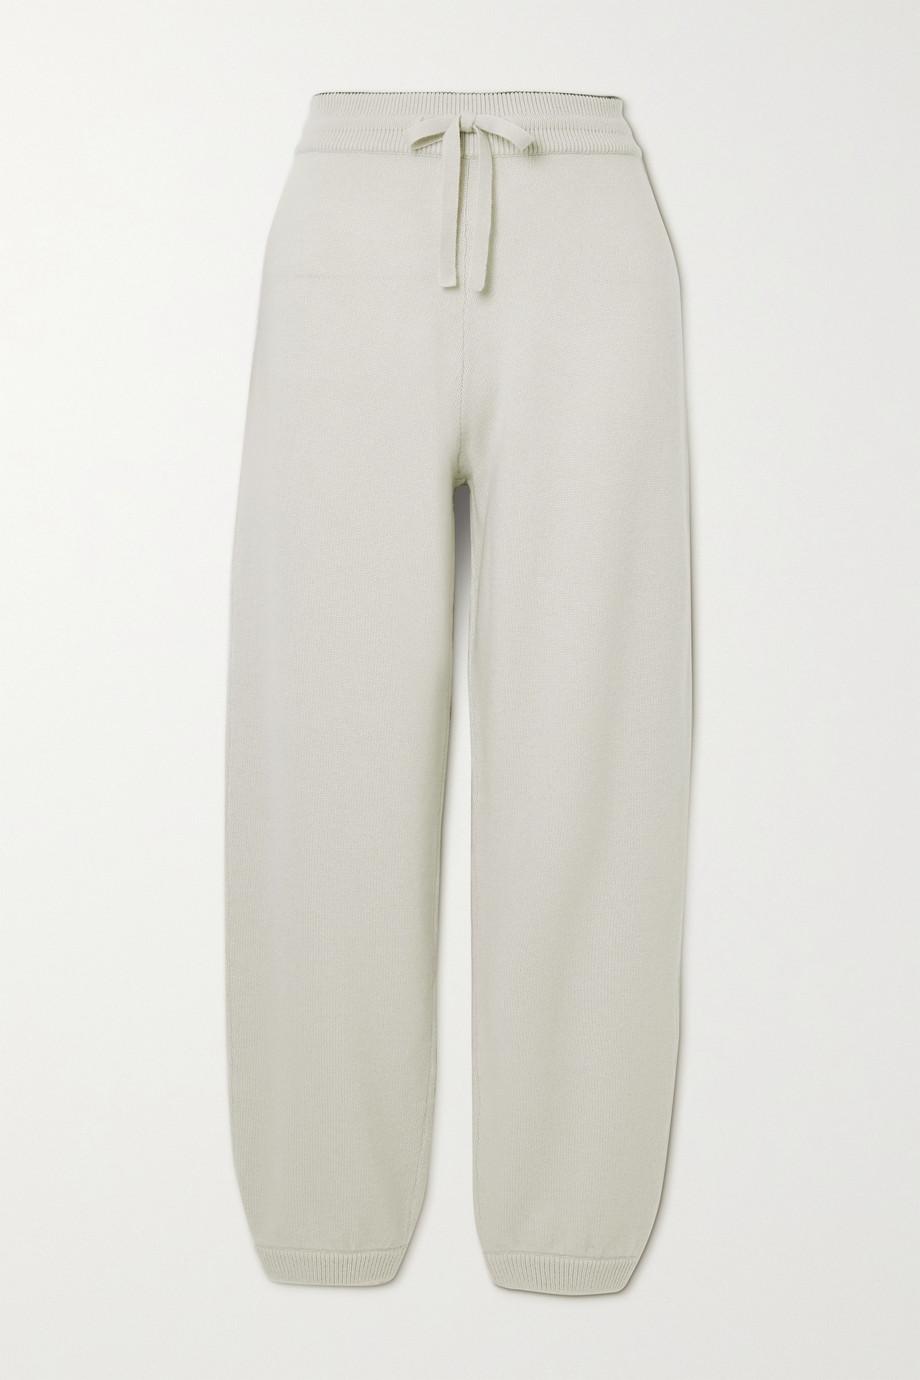 Arch4 Pantalon de survêtement en cachemire Eloise - NET SUSTAIN